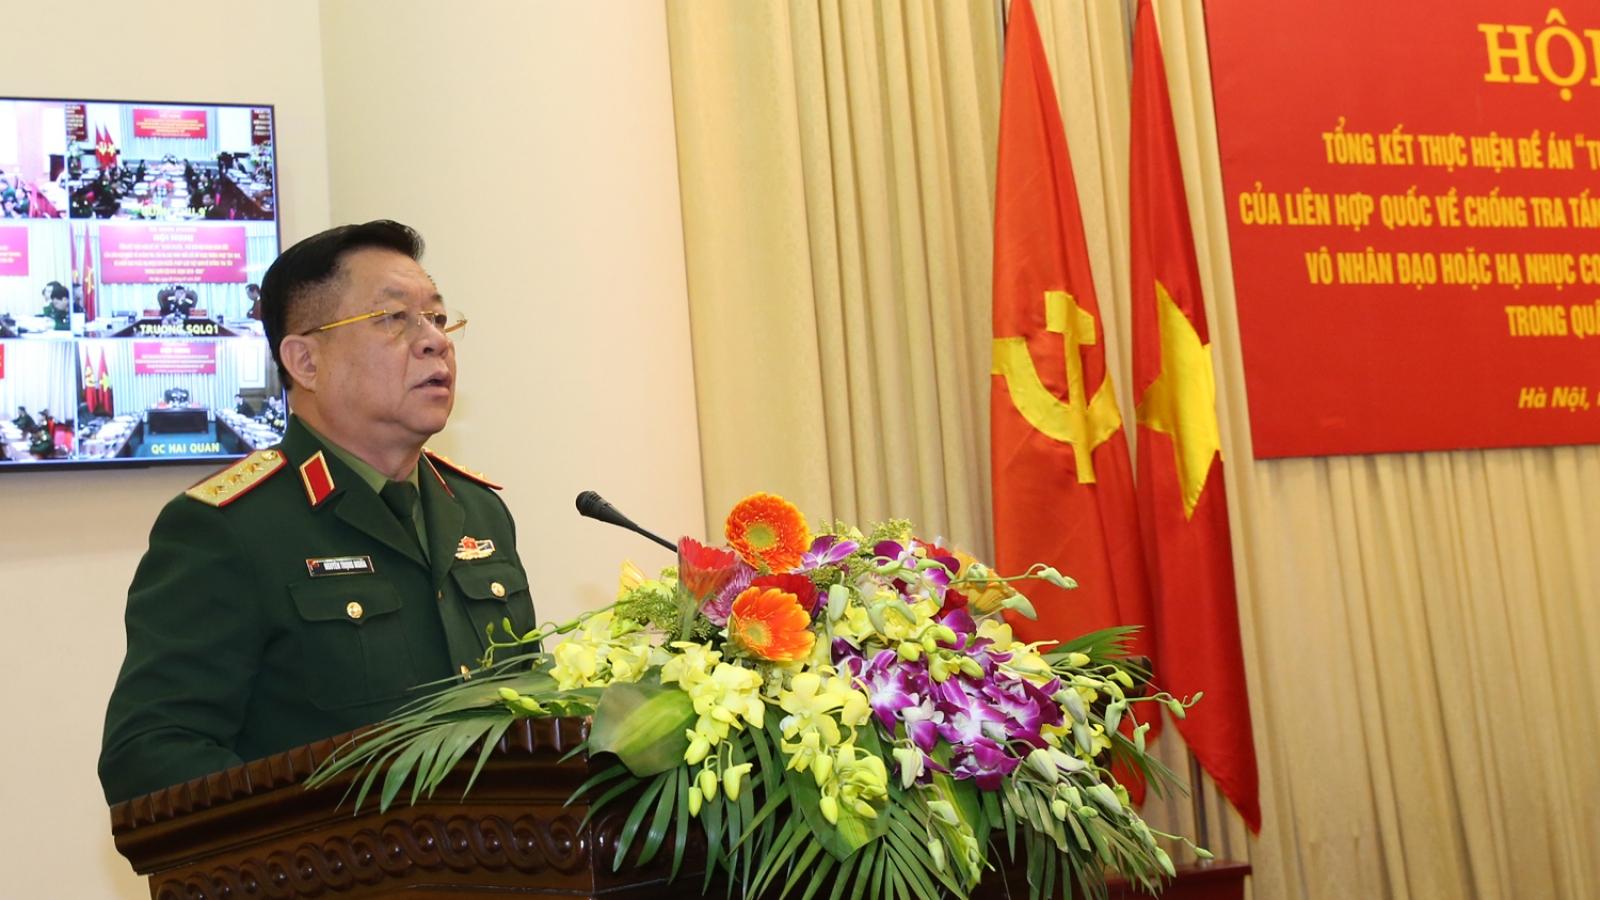 Bộ Quốc phòng tổng kết 5 năm thực hiện Đề án tuyên truyền về Công ước chống tra tấn